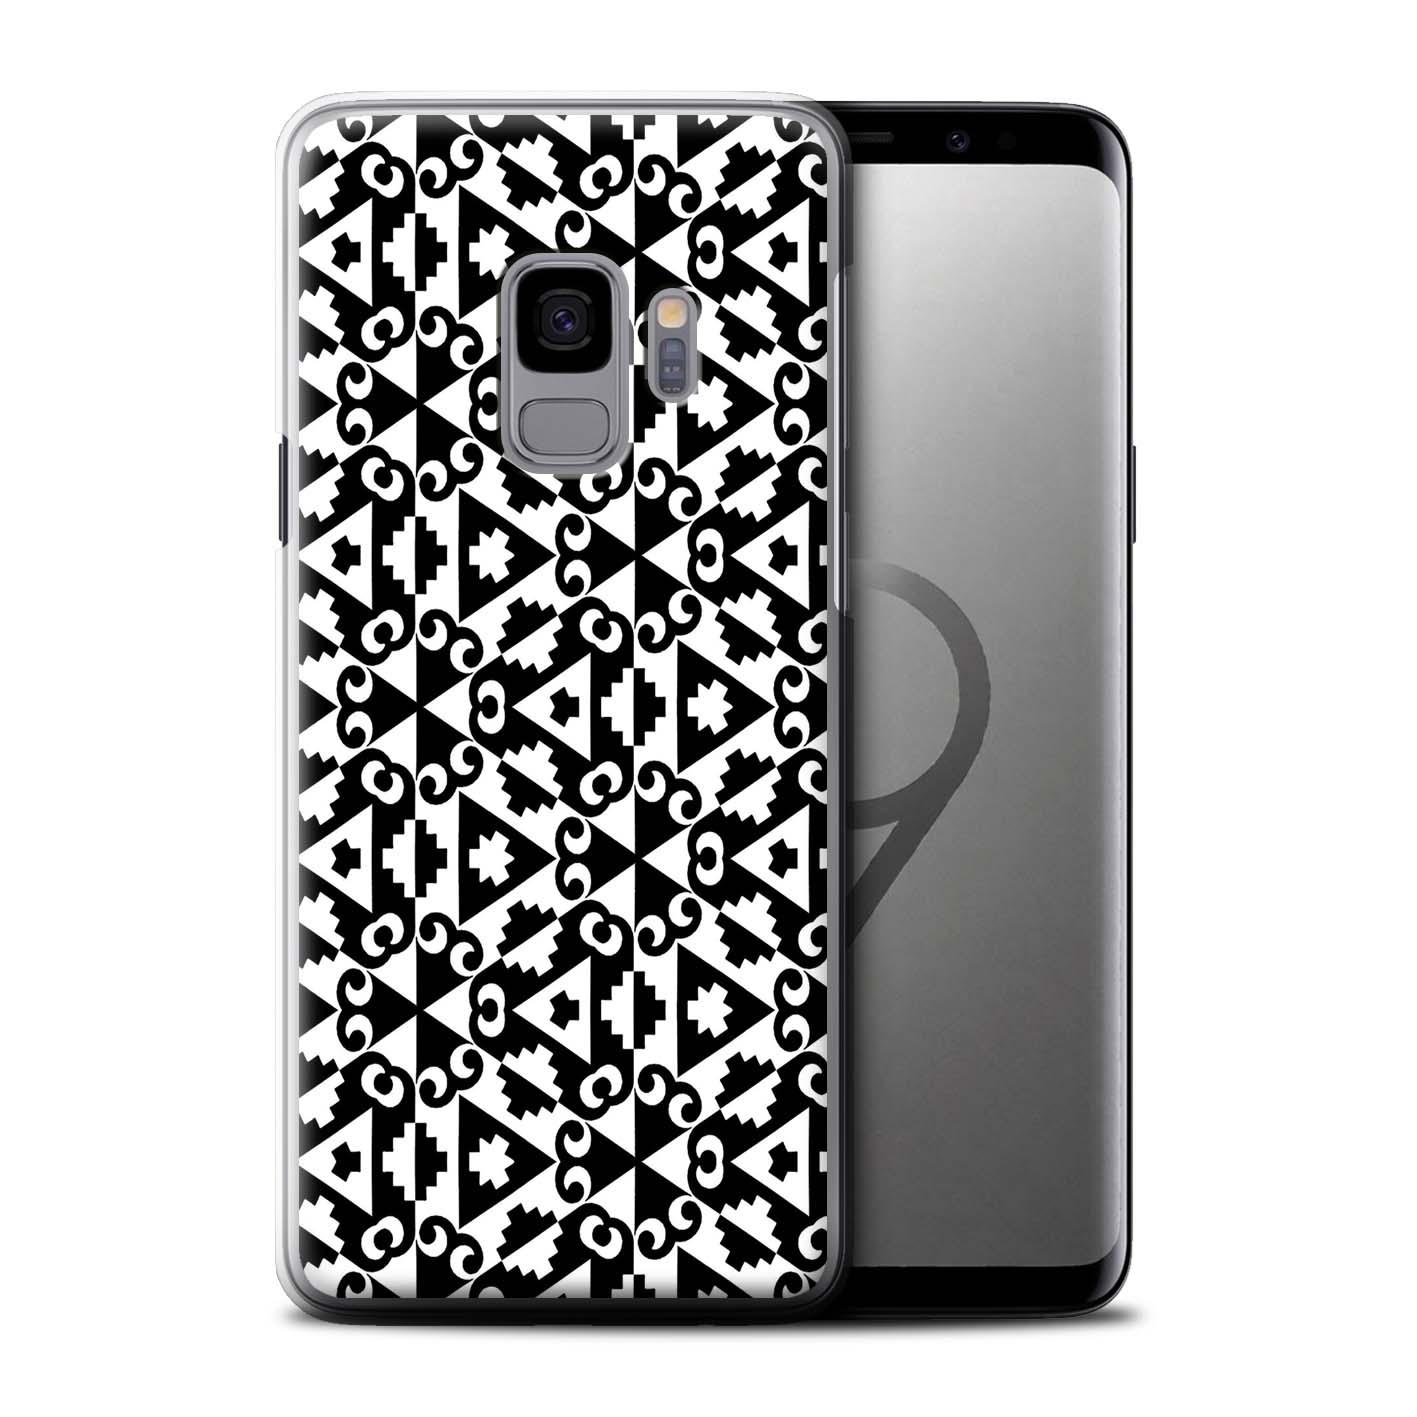 Coque-Etui-Housse-de-Stuff4-pour-Samsung-Galaxy-S9-G960-Mode-Noir